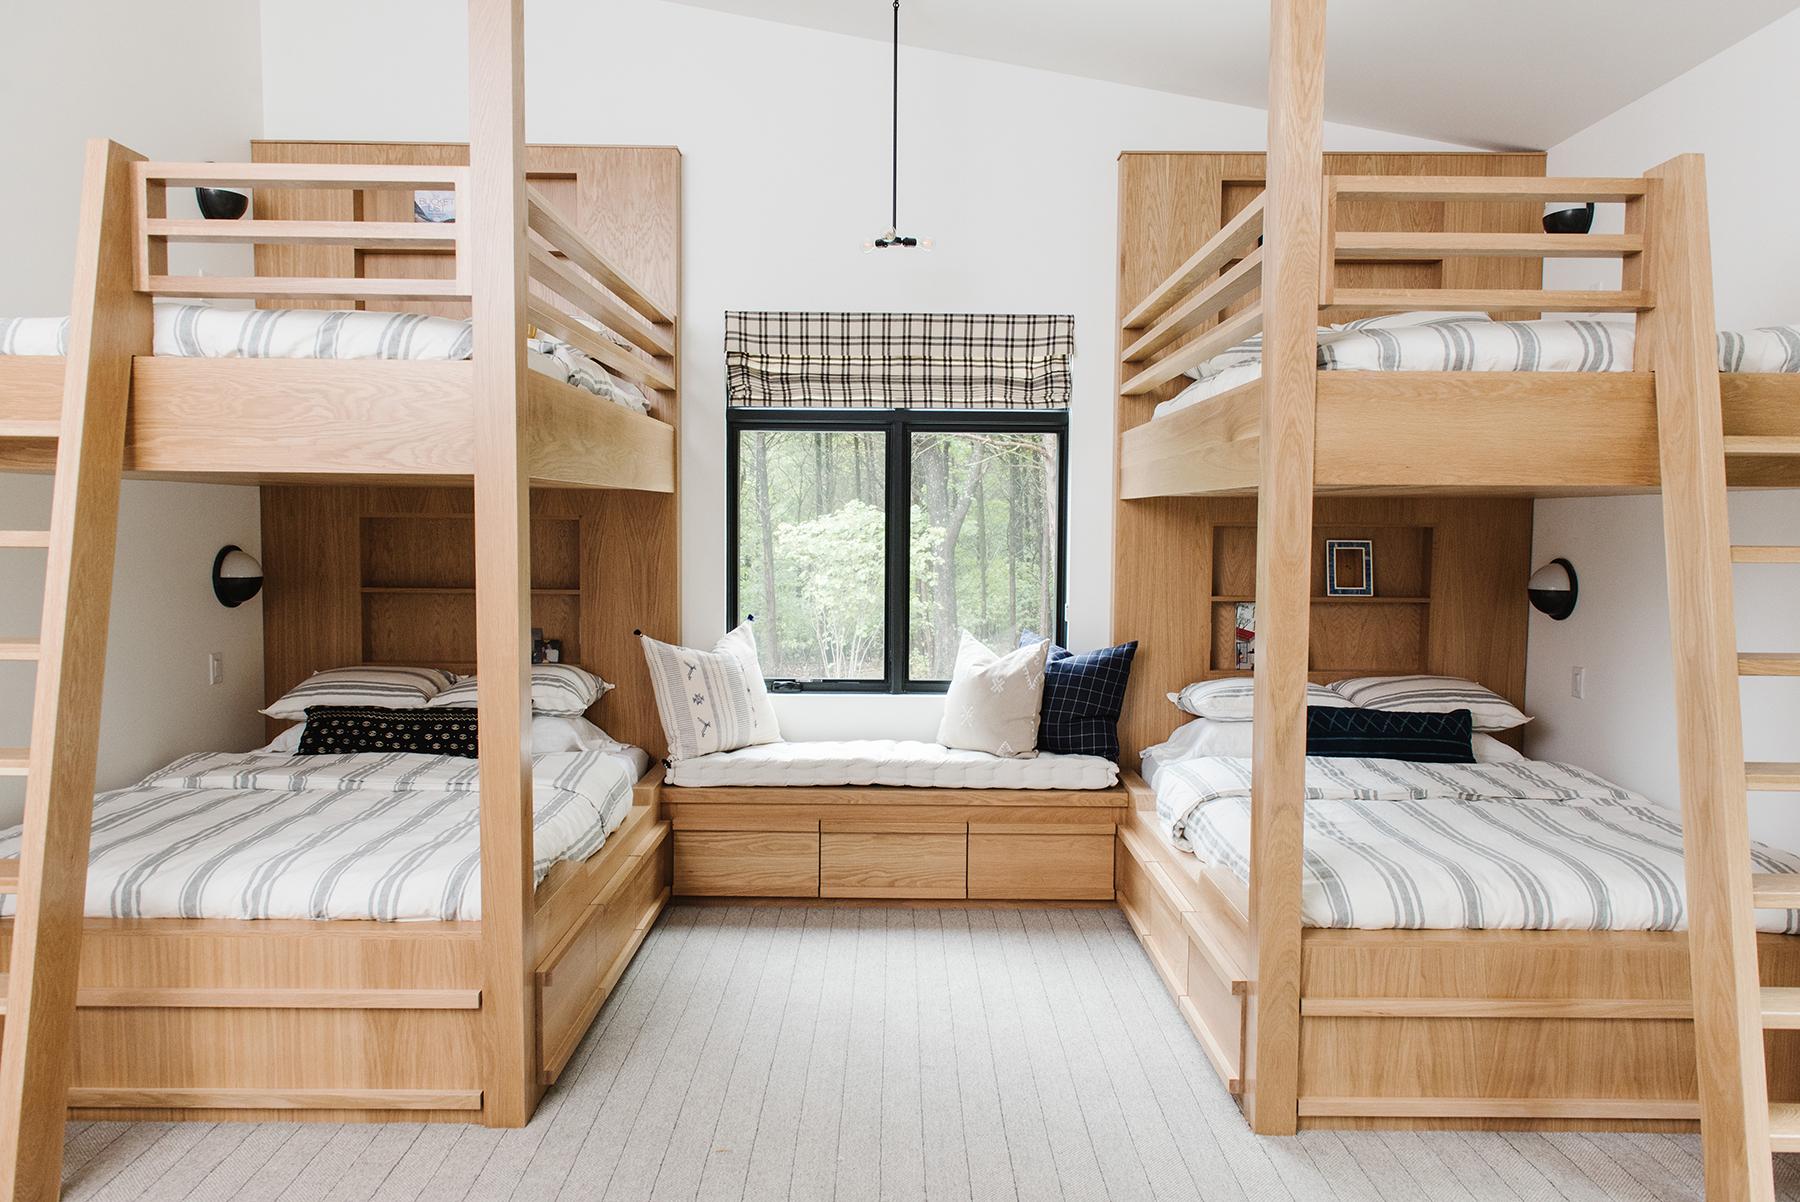 studio-mcgee-bunkbed-tips04.jpg